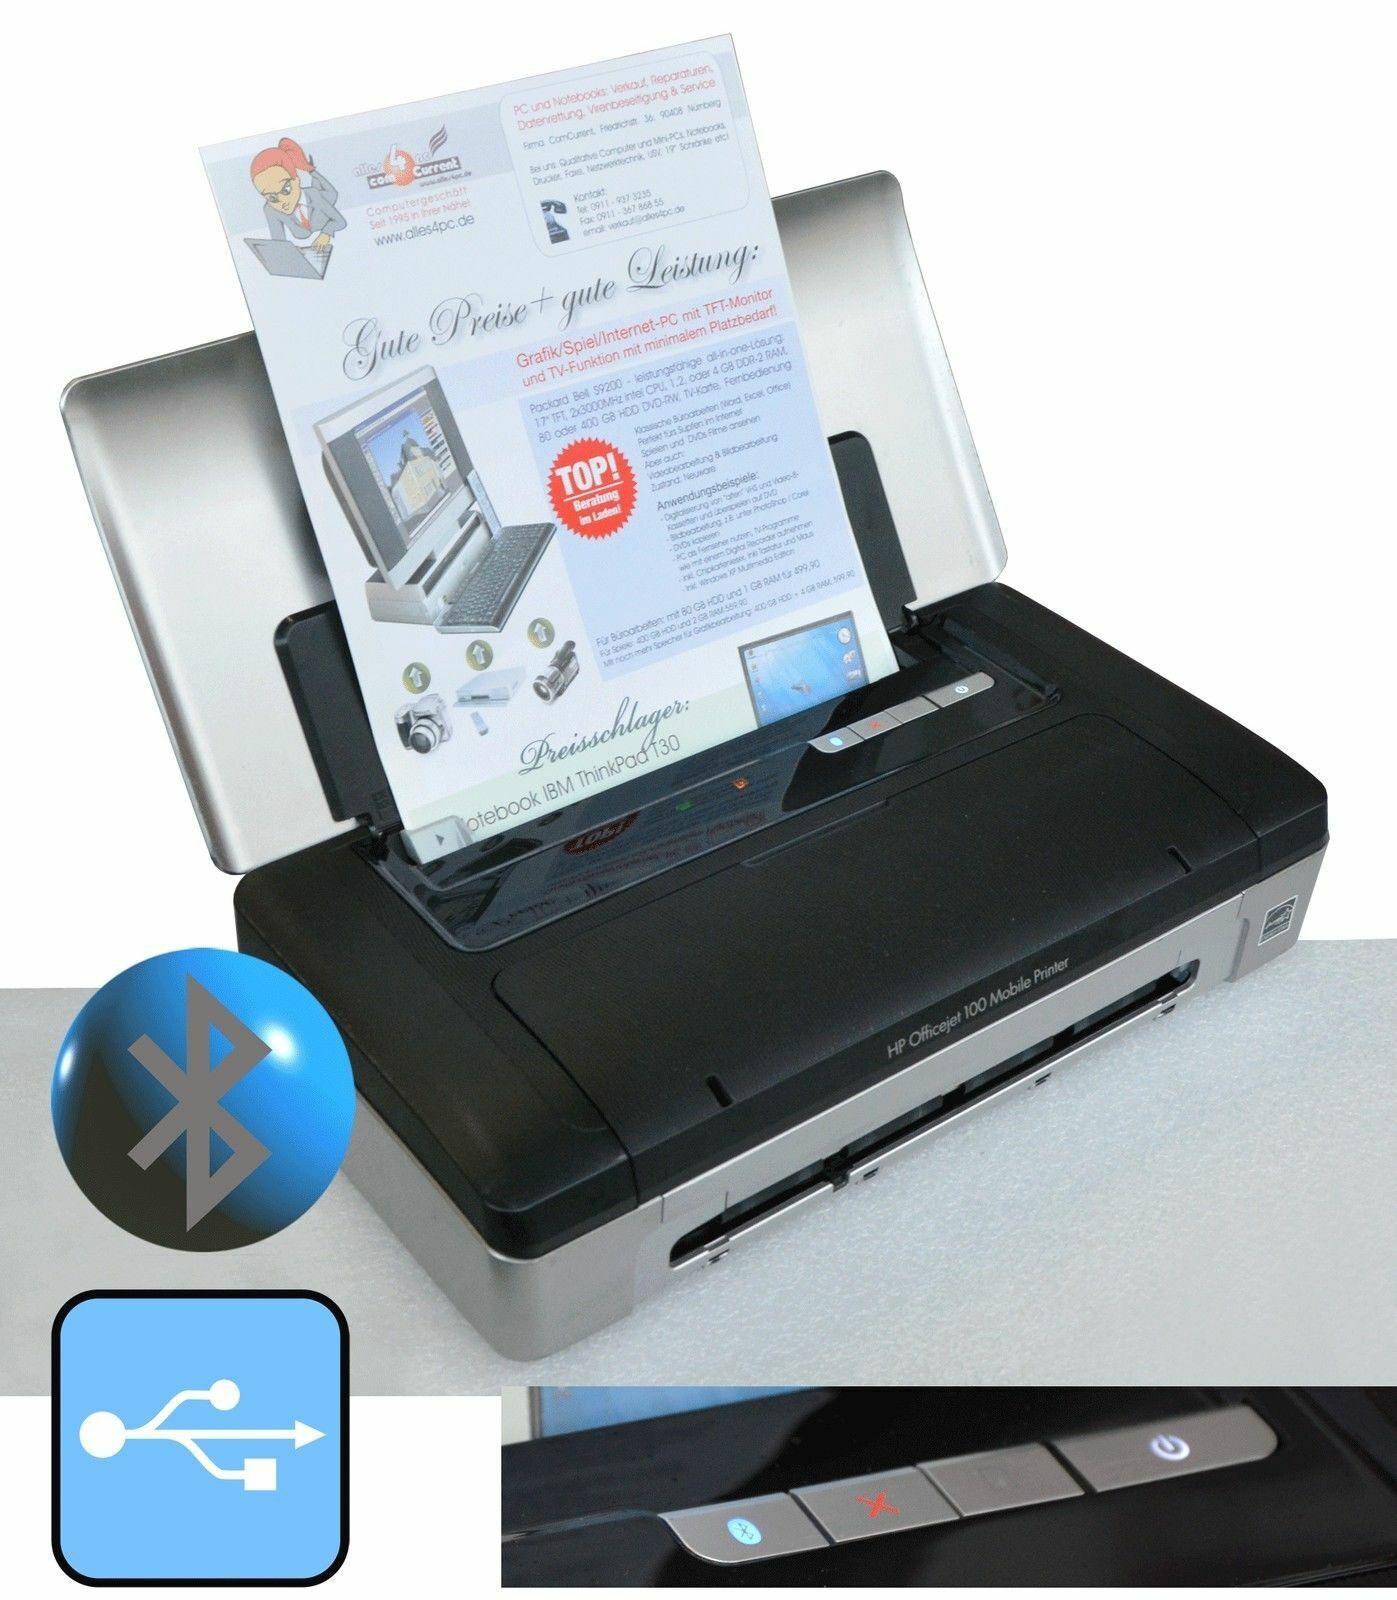 Compact imprimante mobile hp officejet 100 avec usb bluetooth f windows xp 7 8